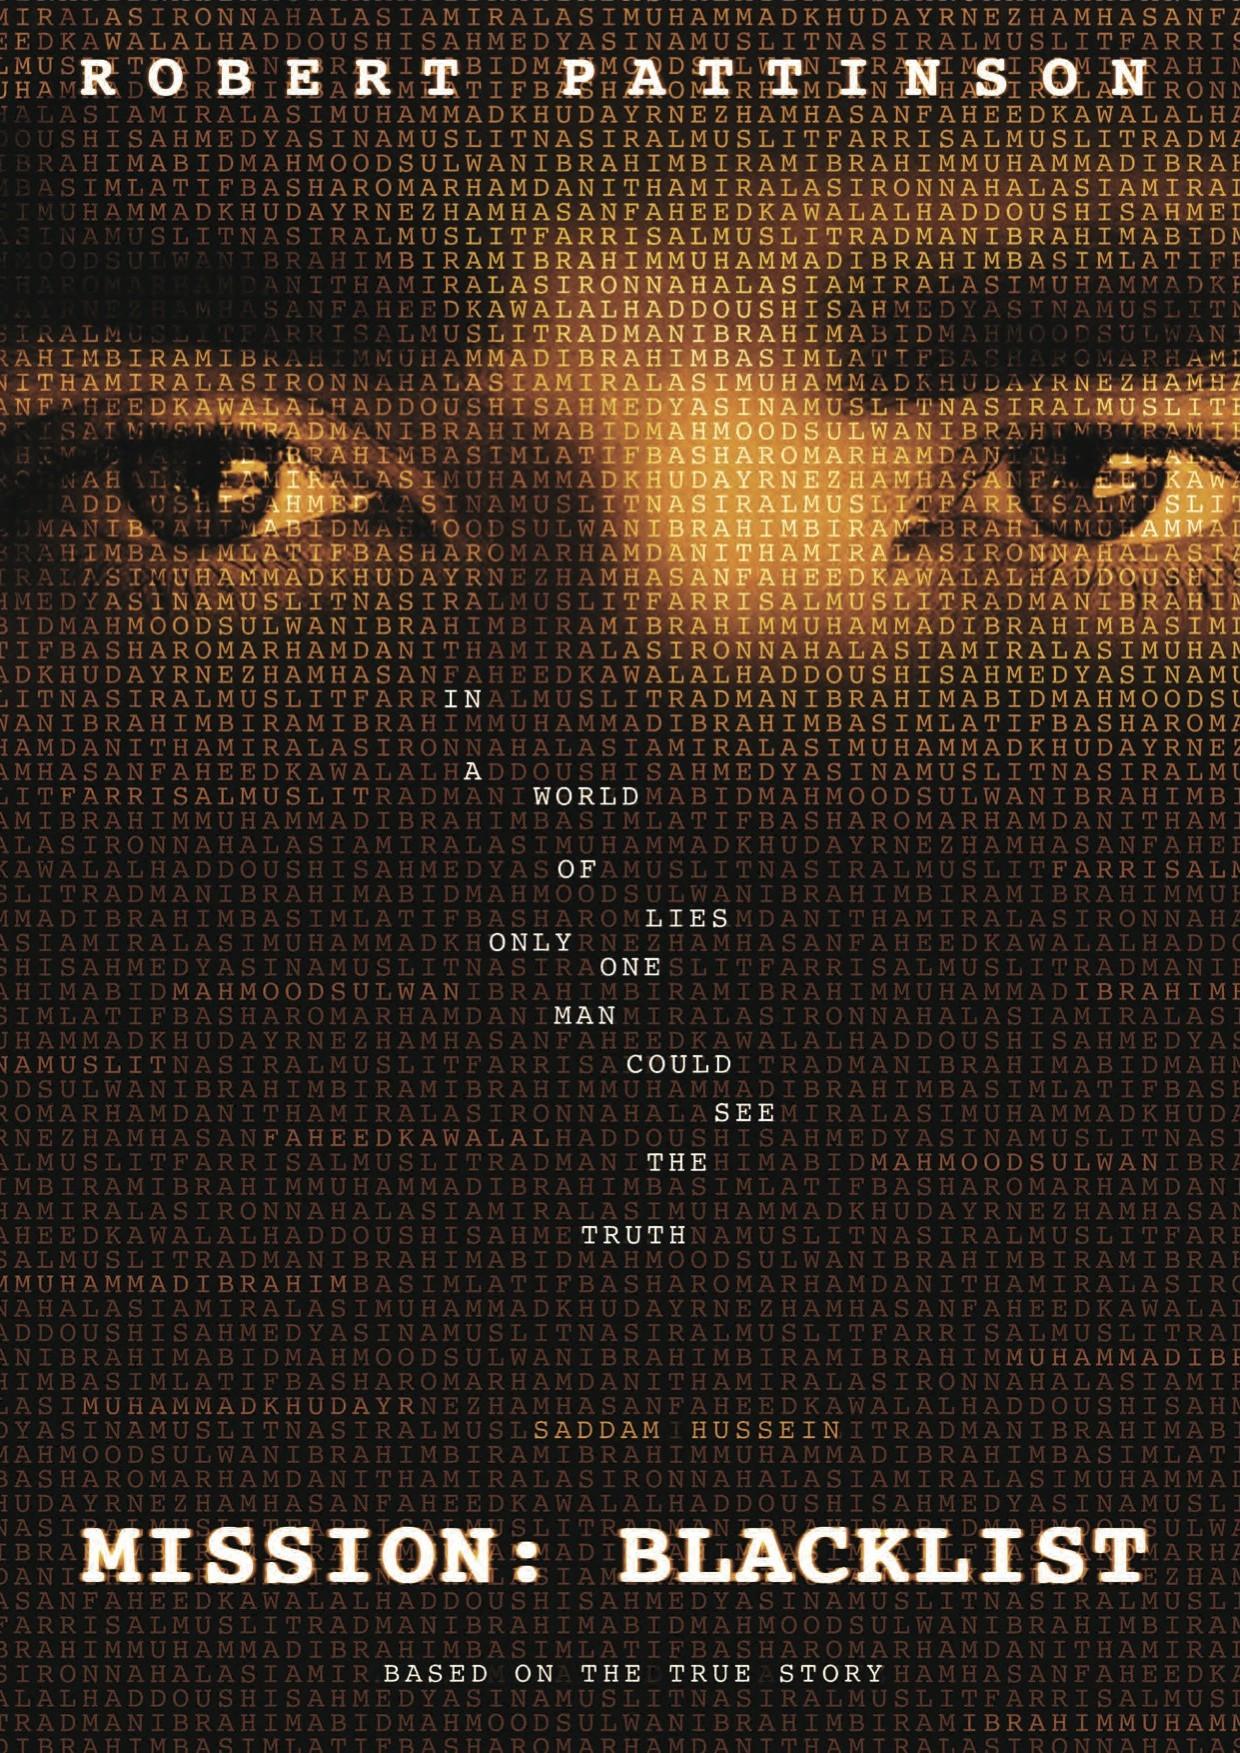 плакат фильма сейлс-арт Миссия: Черный список*